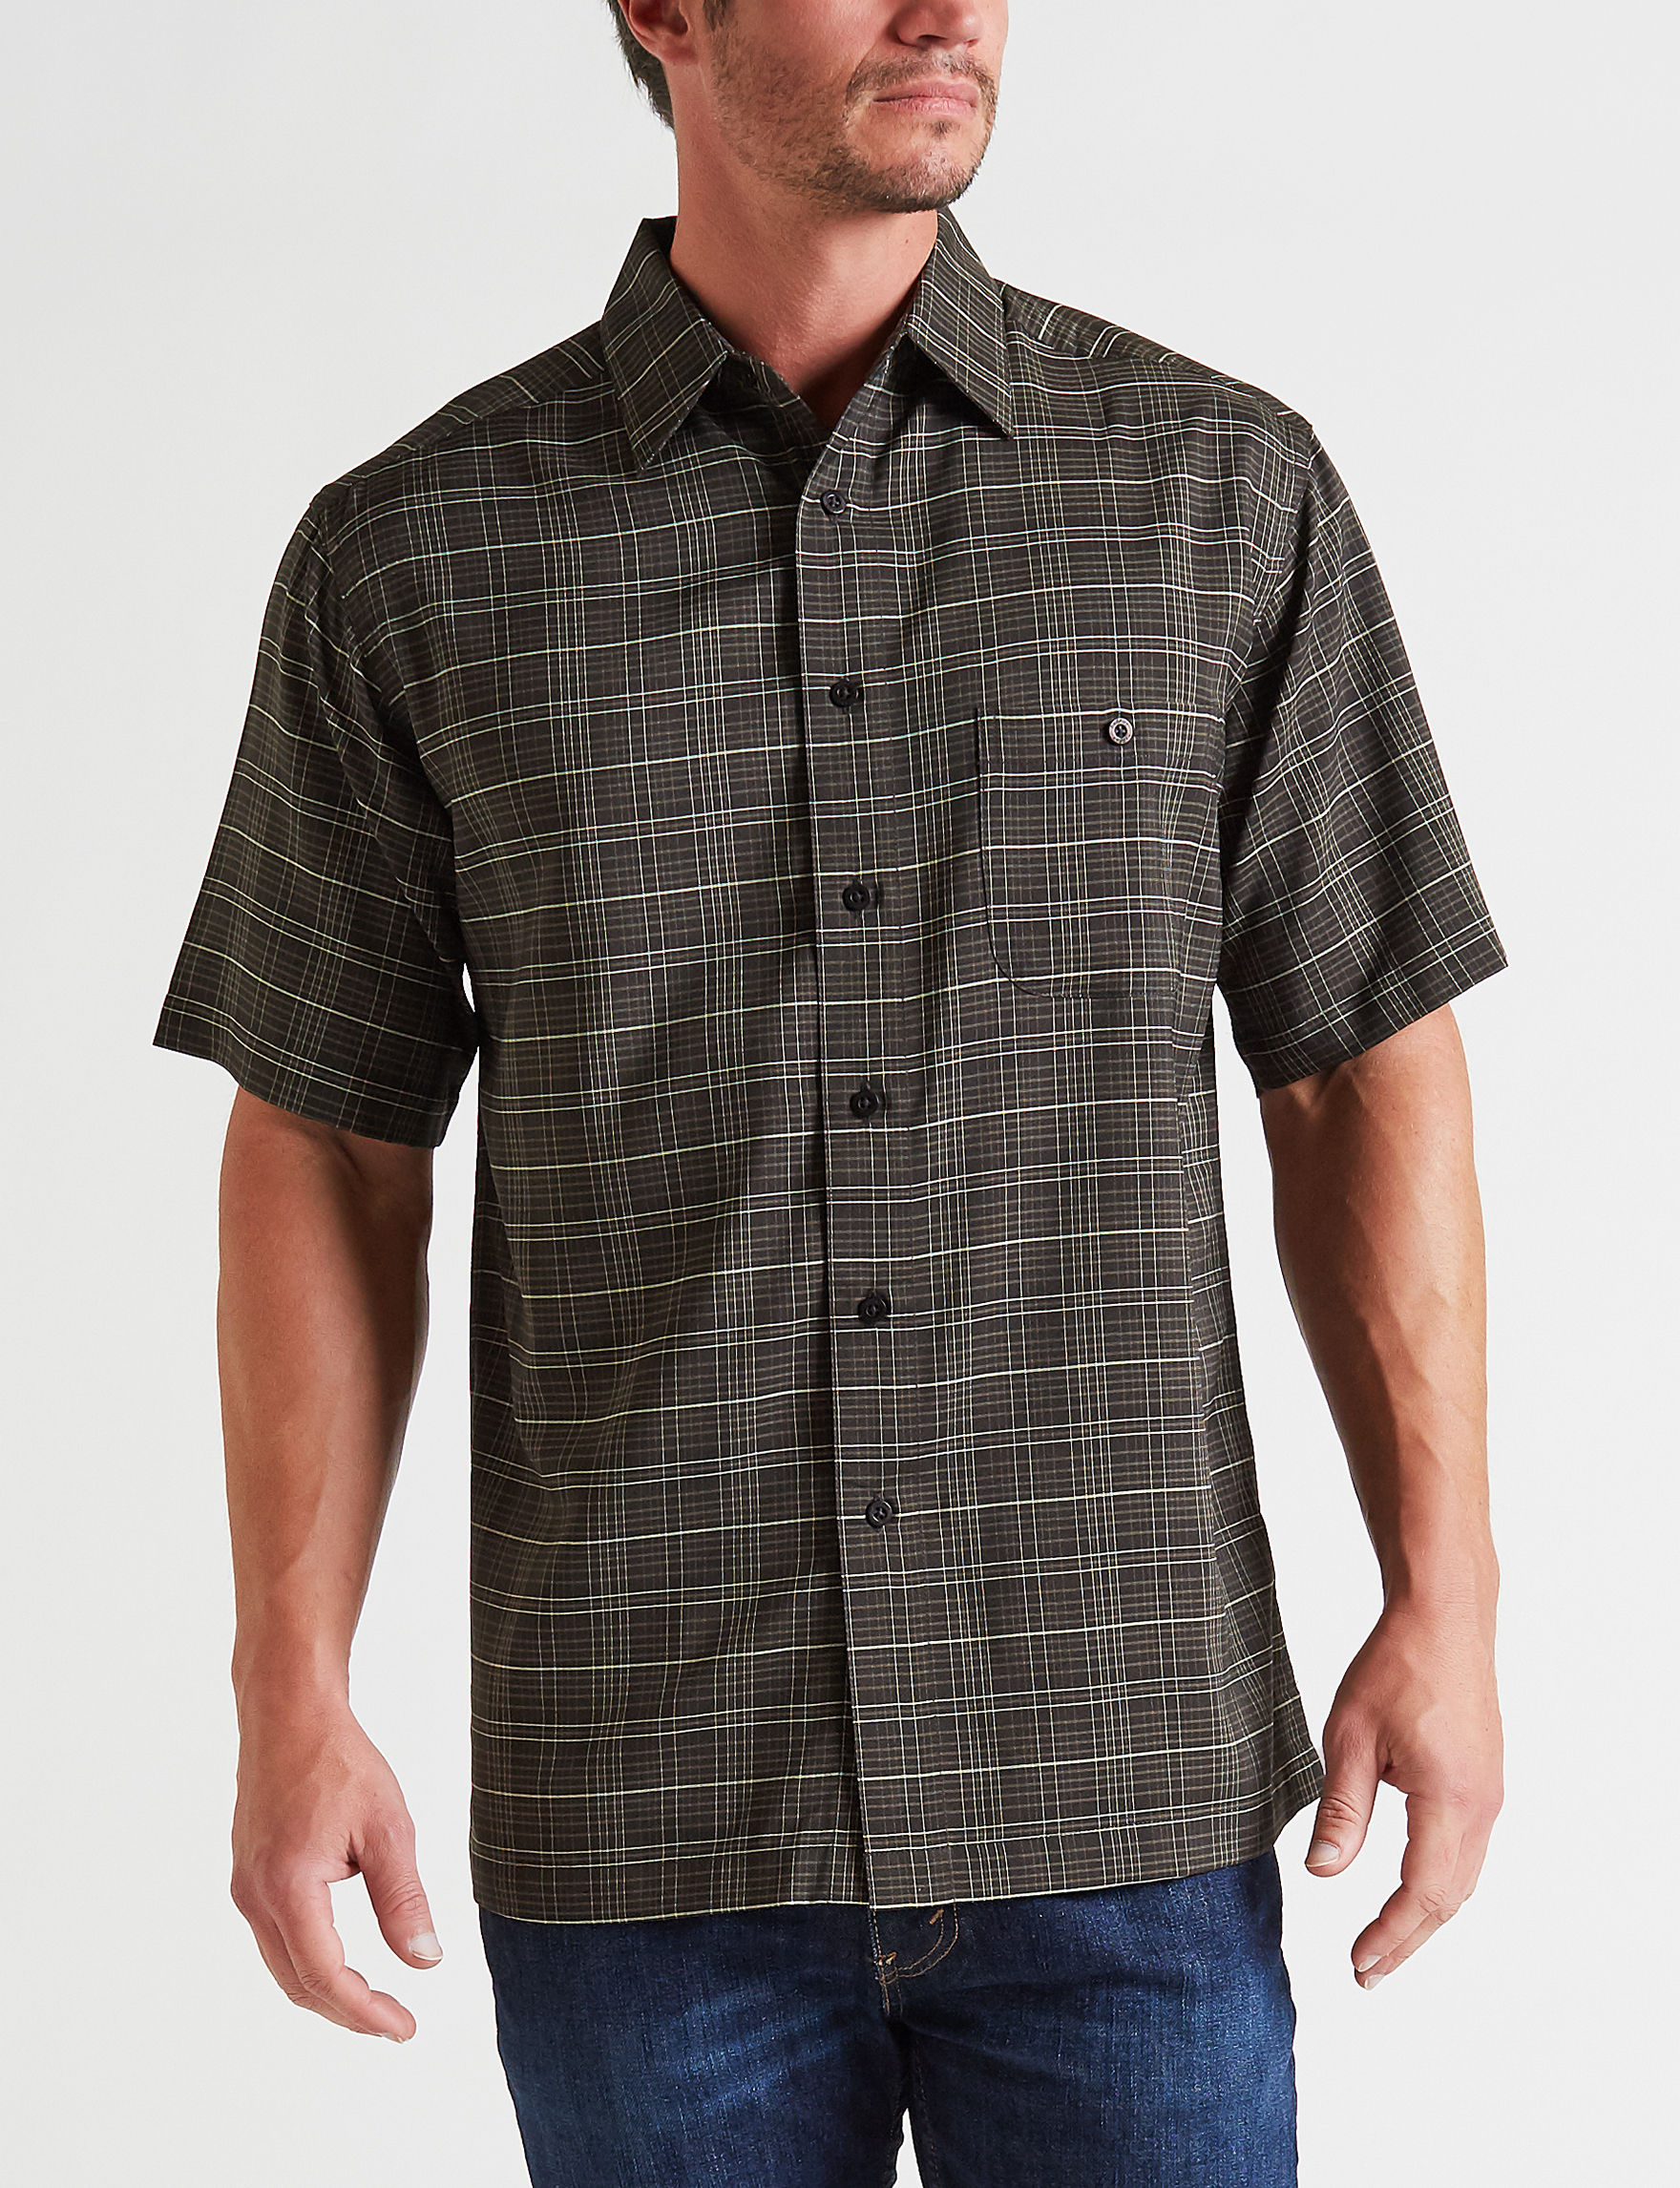 Haggar Black / White Casual Button Down Shirts